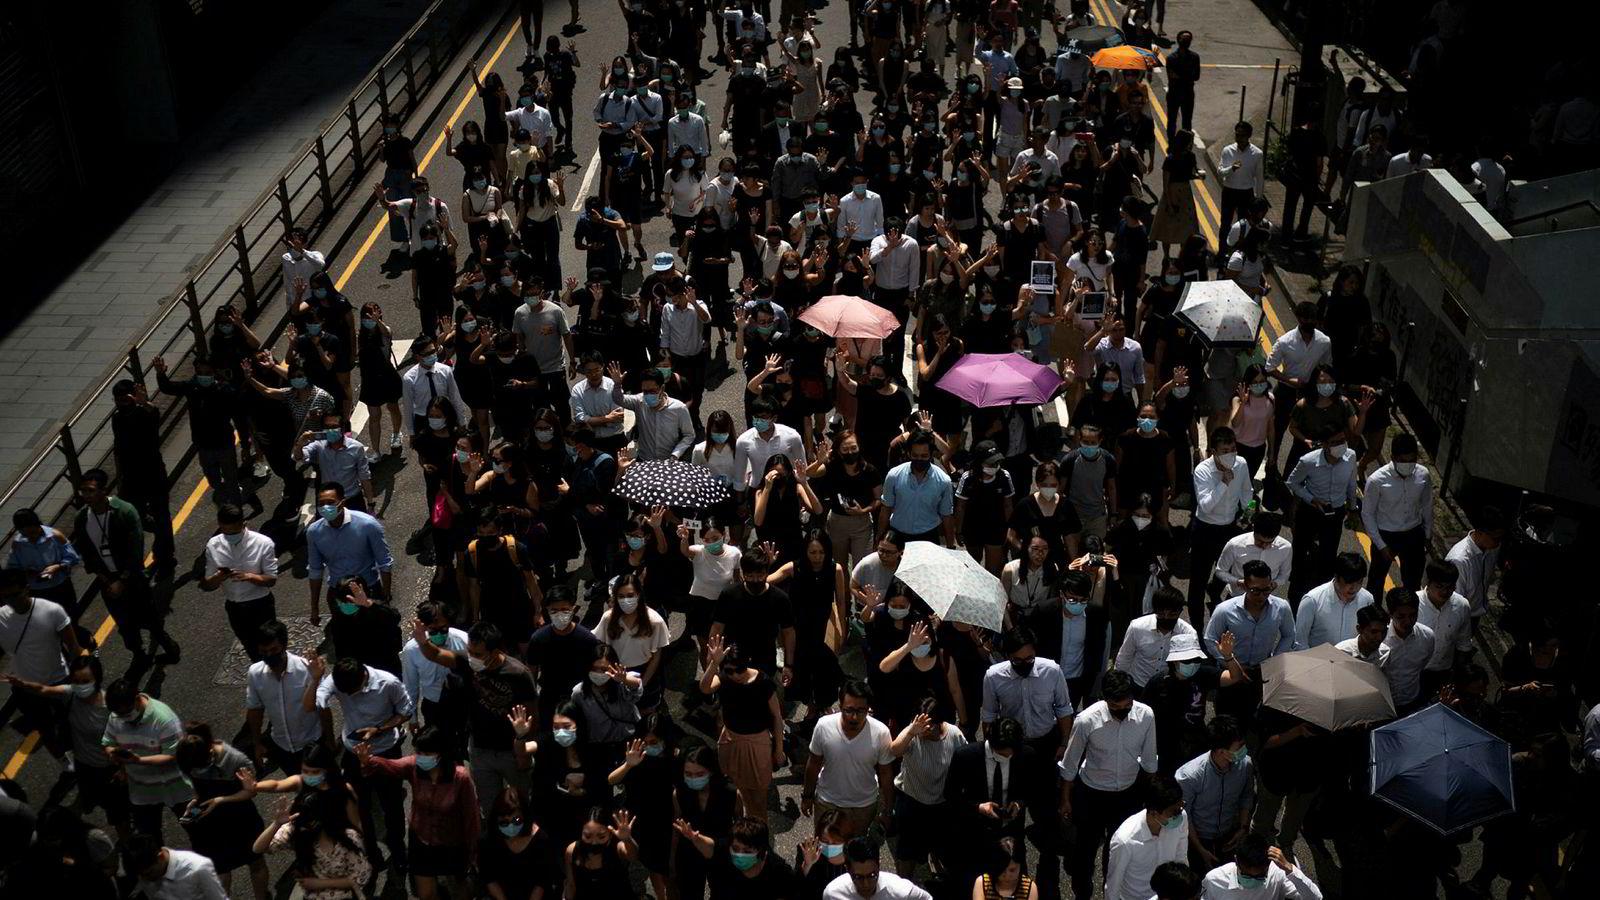 Onsdag demonstrerer igjen tusenvis av mennesker i Hongkong etter at en demonstrant for første gang ble skutt av politiet siden demonstrasjonene startet.